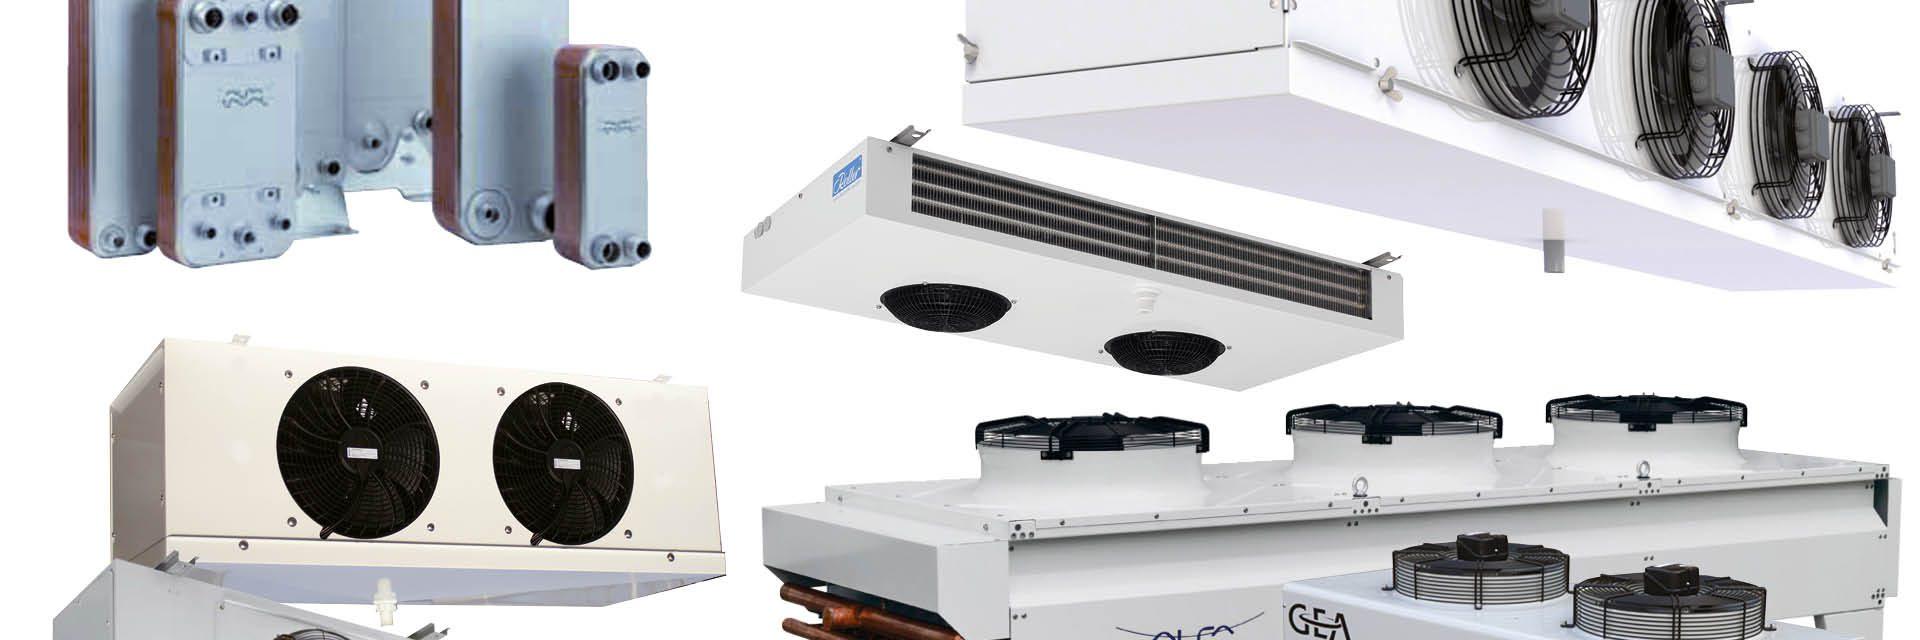 Warmtewisselaars en toebehoren van Roller, Alfa Laval en Kelvion